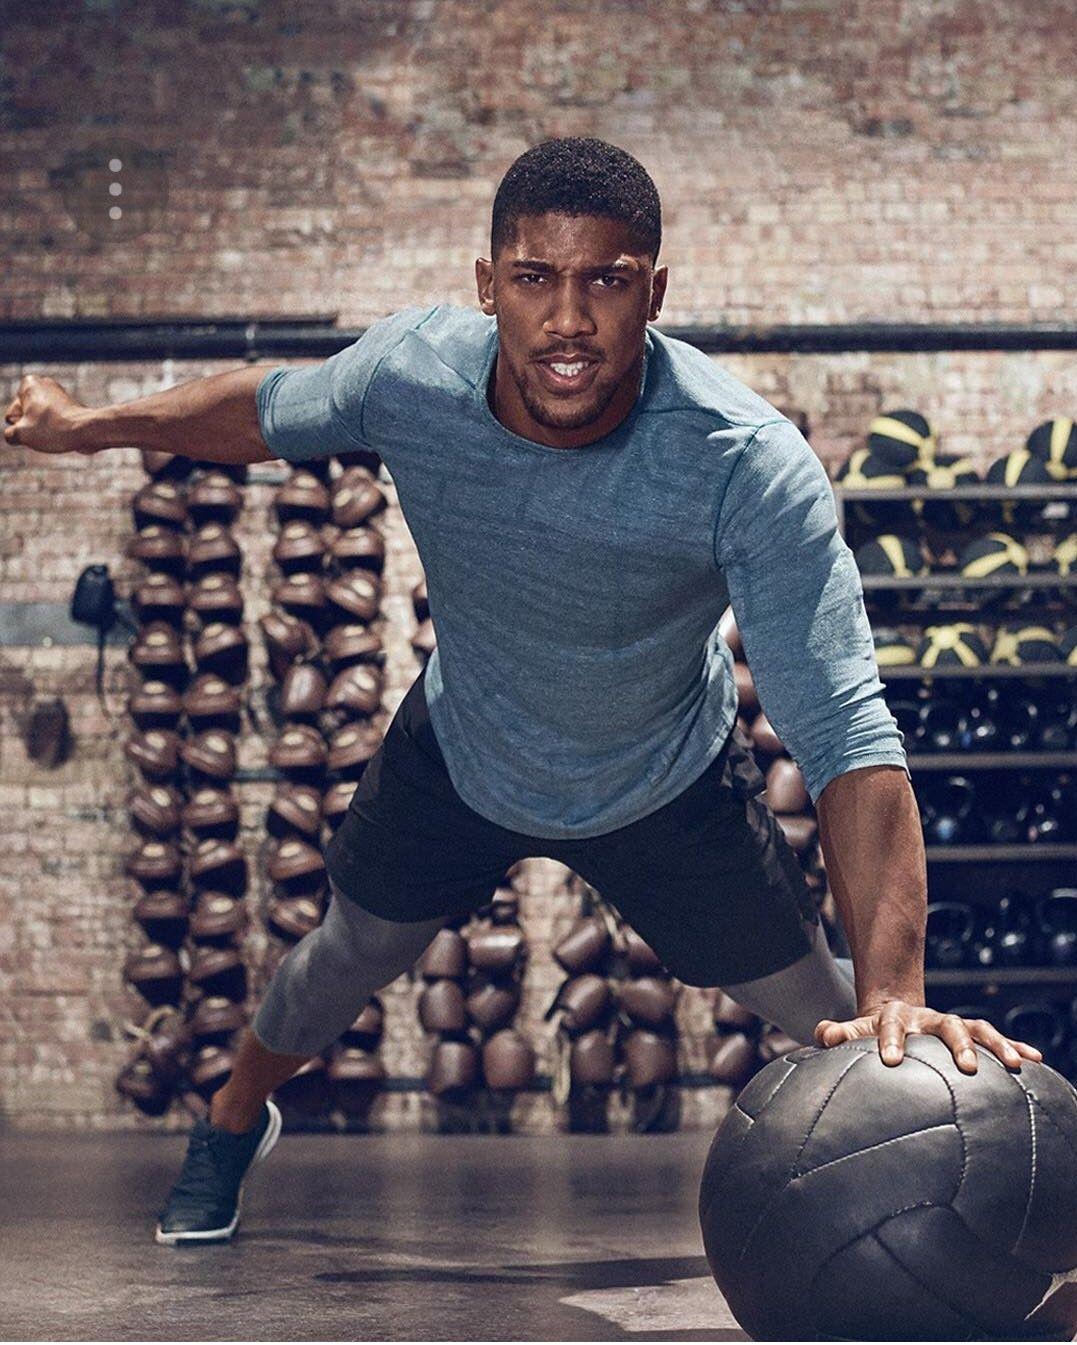 61441ff3 Anthony Joshua | Fitness & Gym Motivations in 2019 | Anthony joshua ...